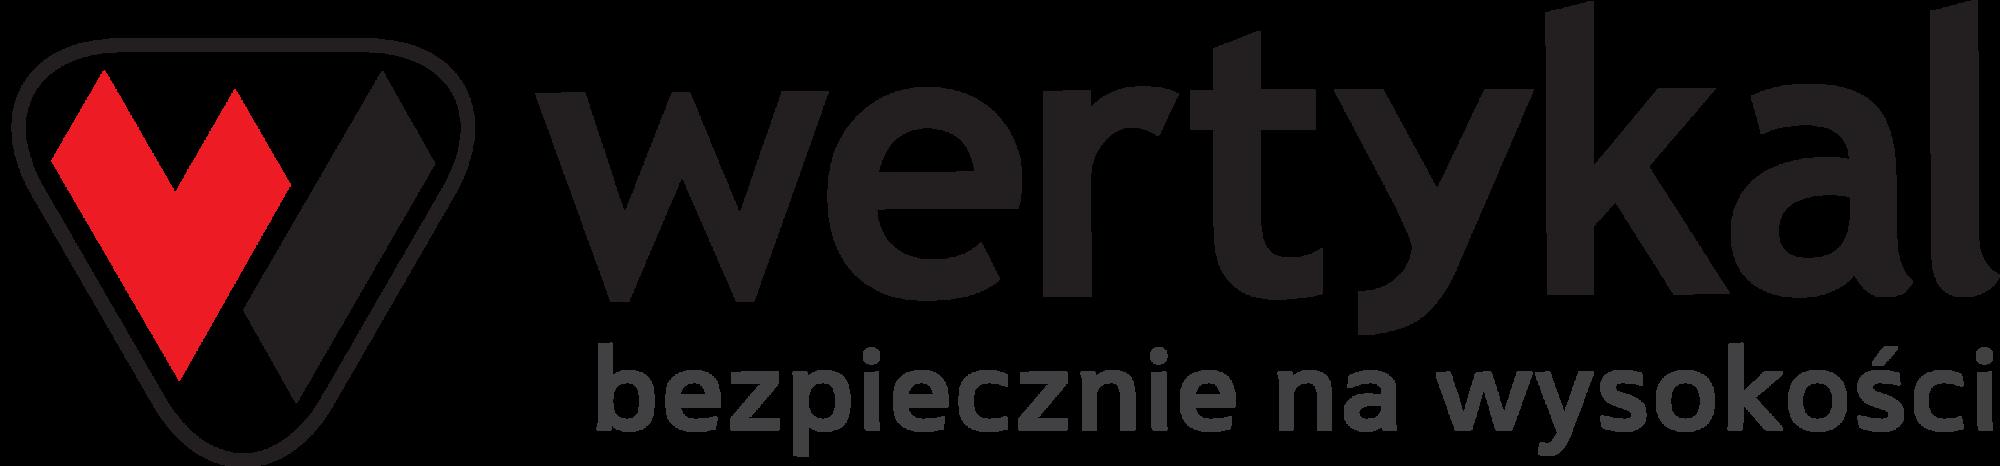 wertykal-logo-bez tła-duże